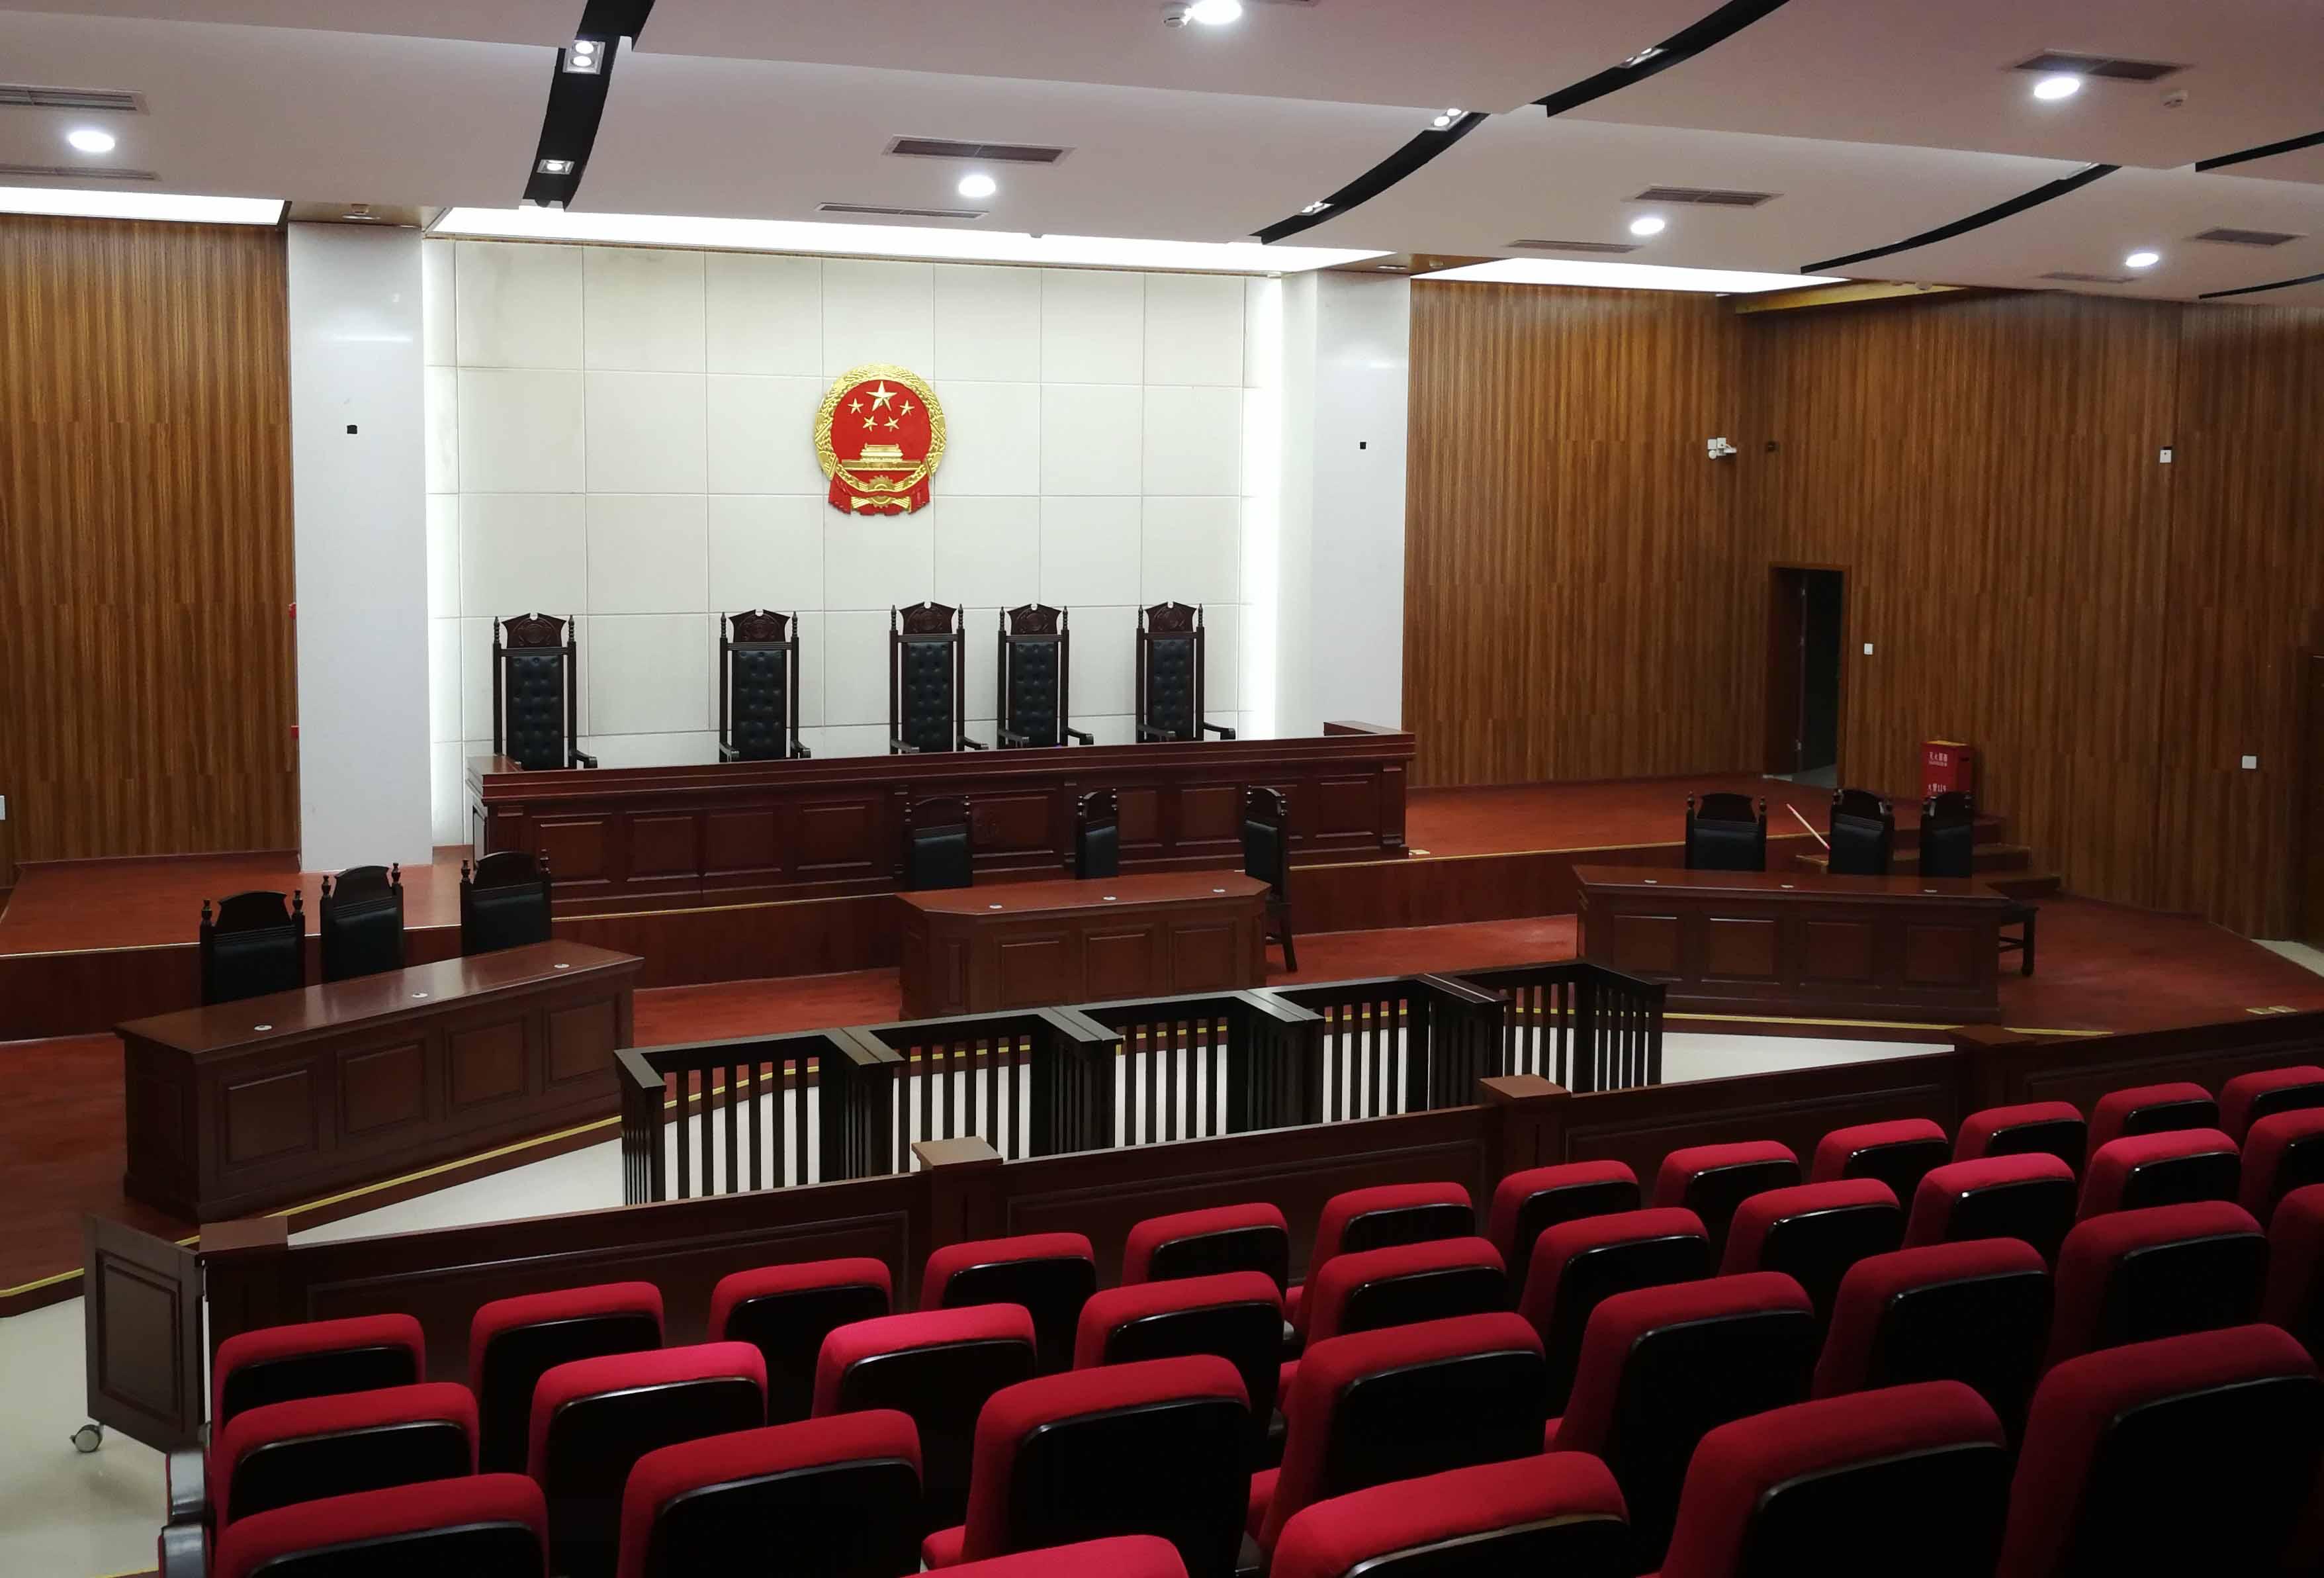 我司承建的巴中市通江县人民法院审判法庭项目 顺利通过竣工验收